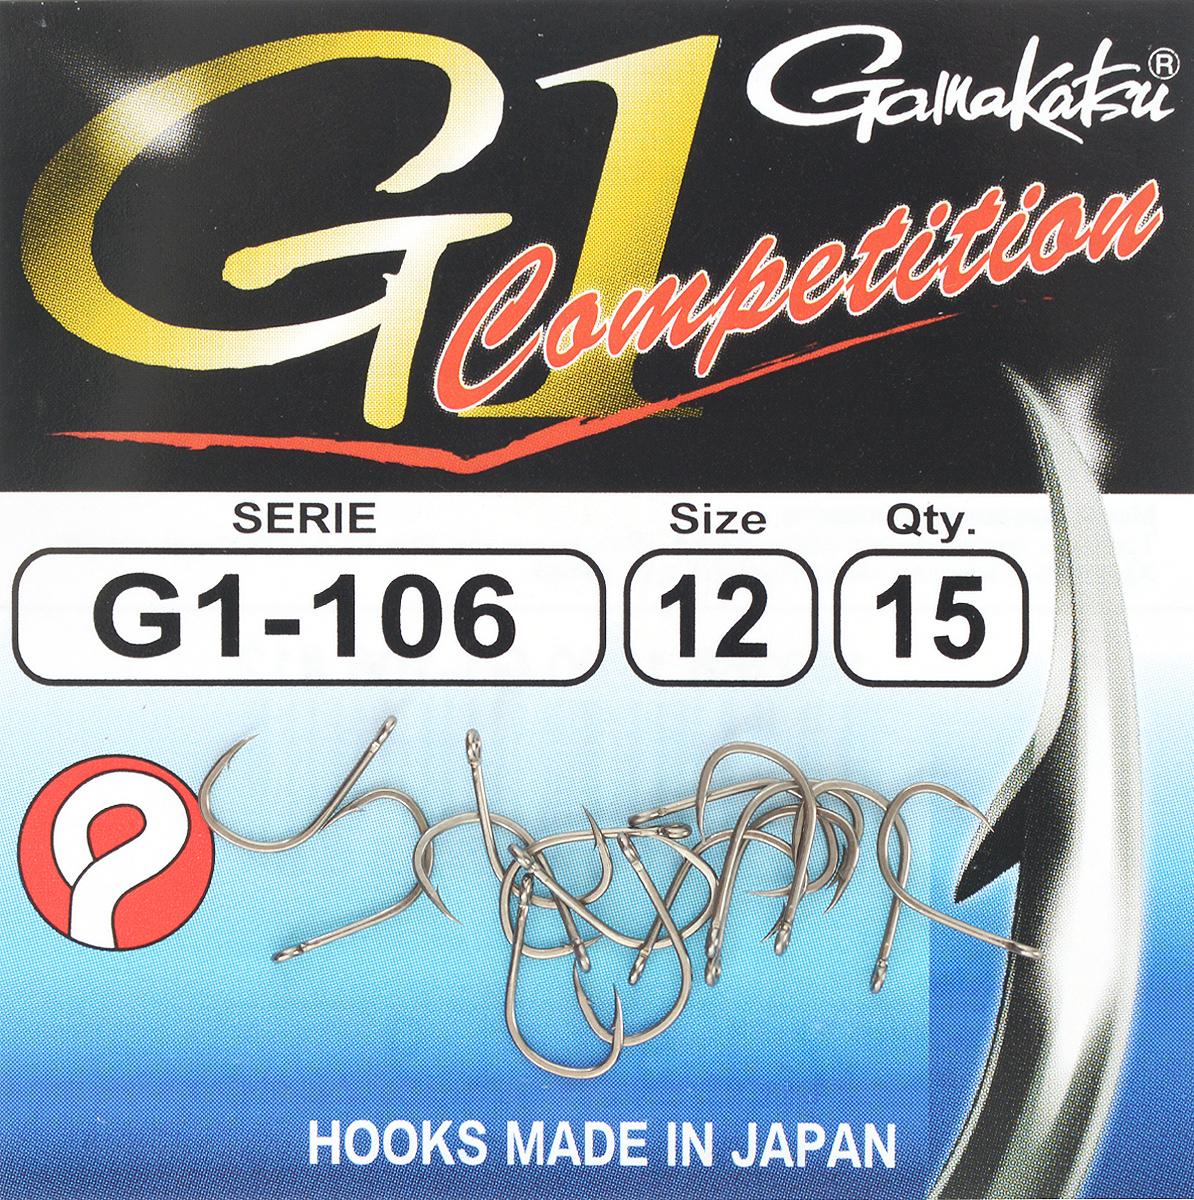 Набор крючков Gamakatsu G-1 Competition, размер №12, 15 шт